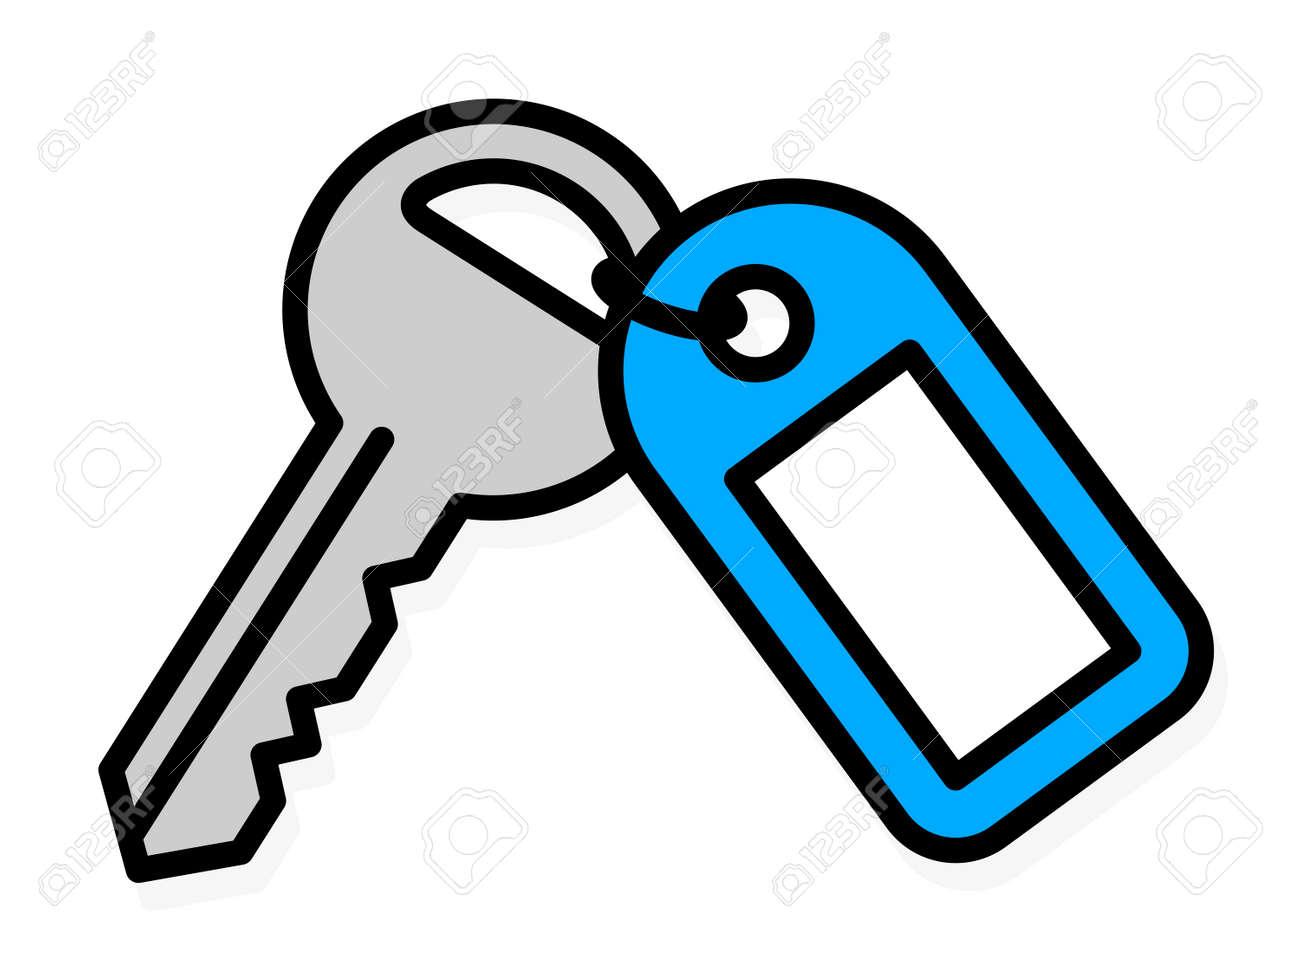 Banque dimages simple dessin de vecteur de contour coloré dune maison de métal clé de la porte avant dargent avec une étiquette en plastique bleu avec